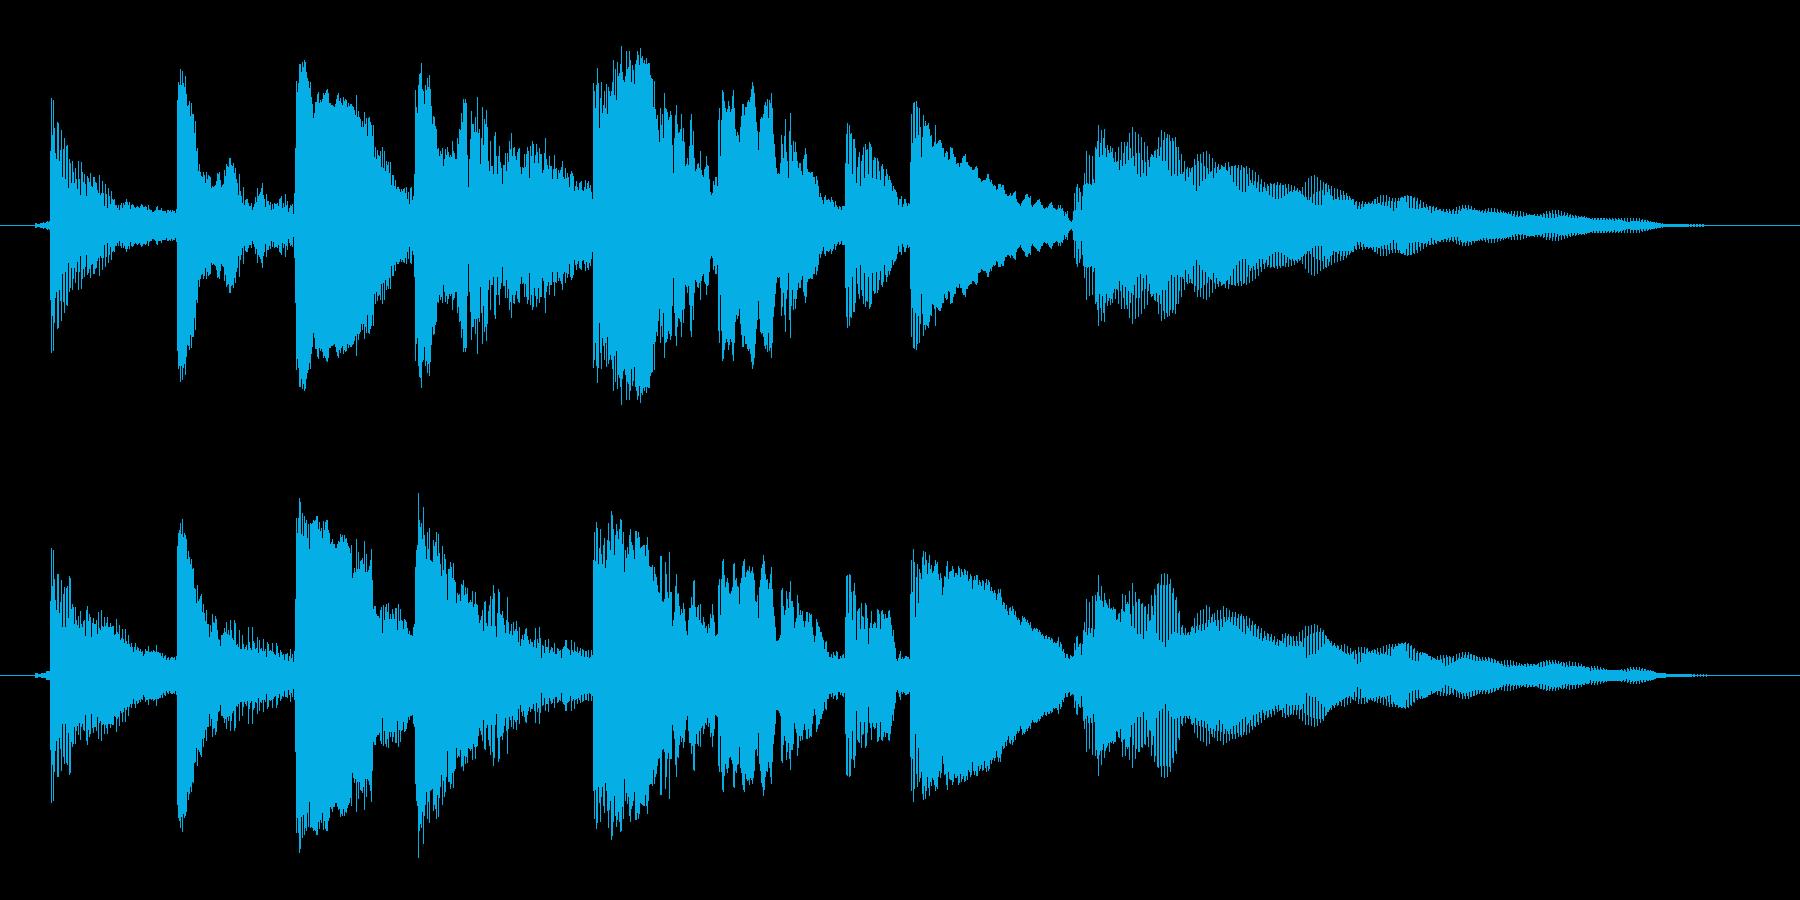 海外ドラマ風 エレキギター ロックなリフの再生済みの波形